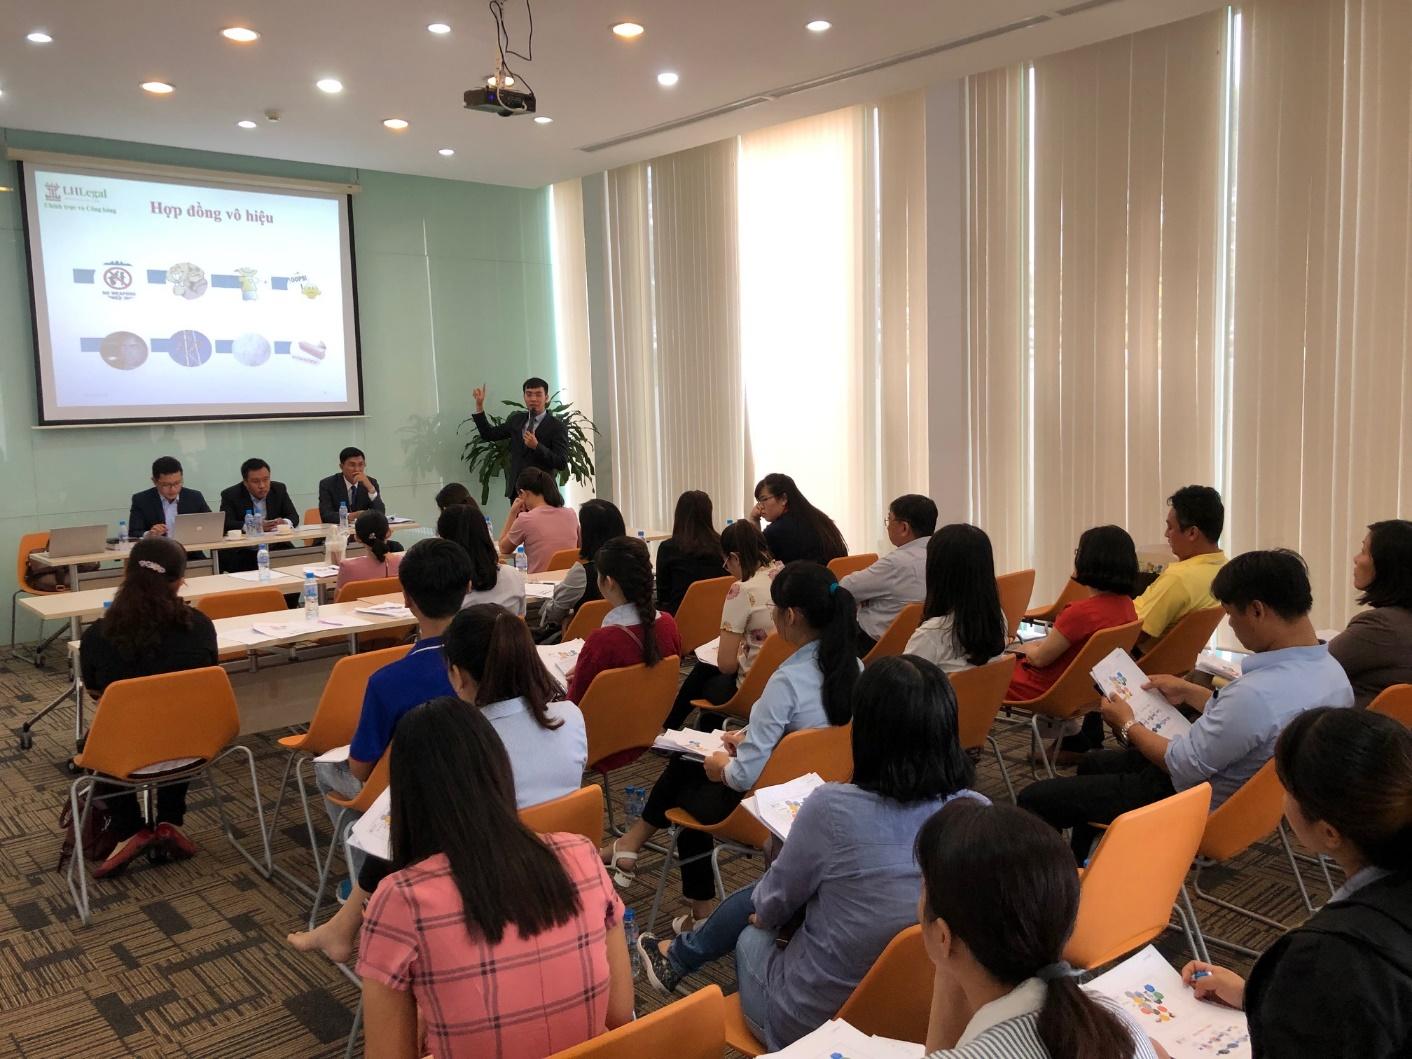 Lê Nguyên Hòa: Trở thành luật sư là ước mơ lớn nhất của tôi 5